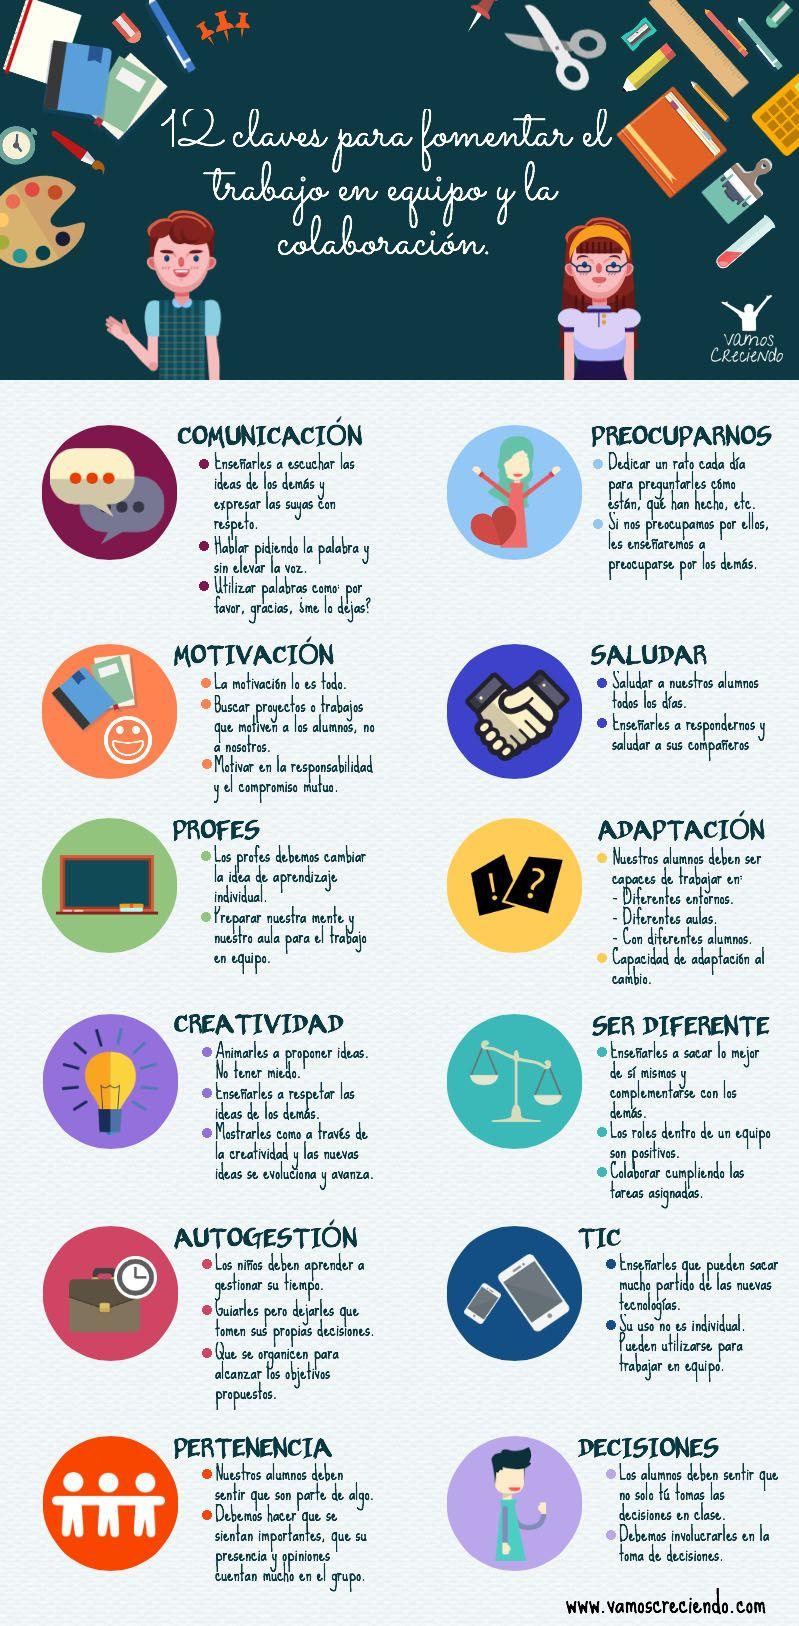 12 Claves Para Fomentar El Trabajo En Equipo Y La Colaboración Infografia Education Educacion Aprendizaje Trabajo En Equipo